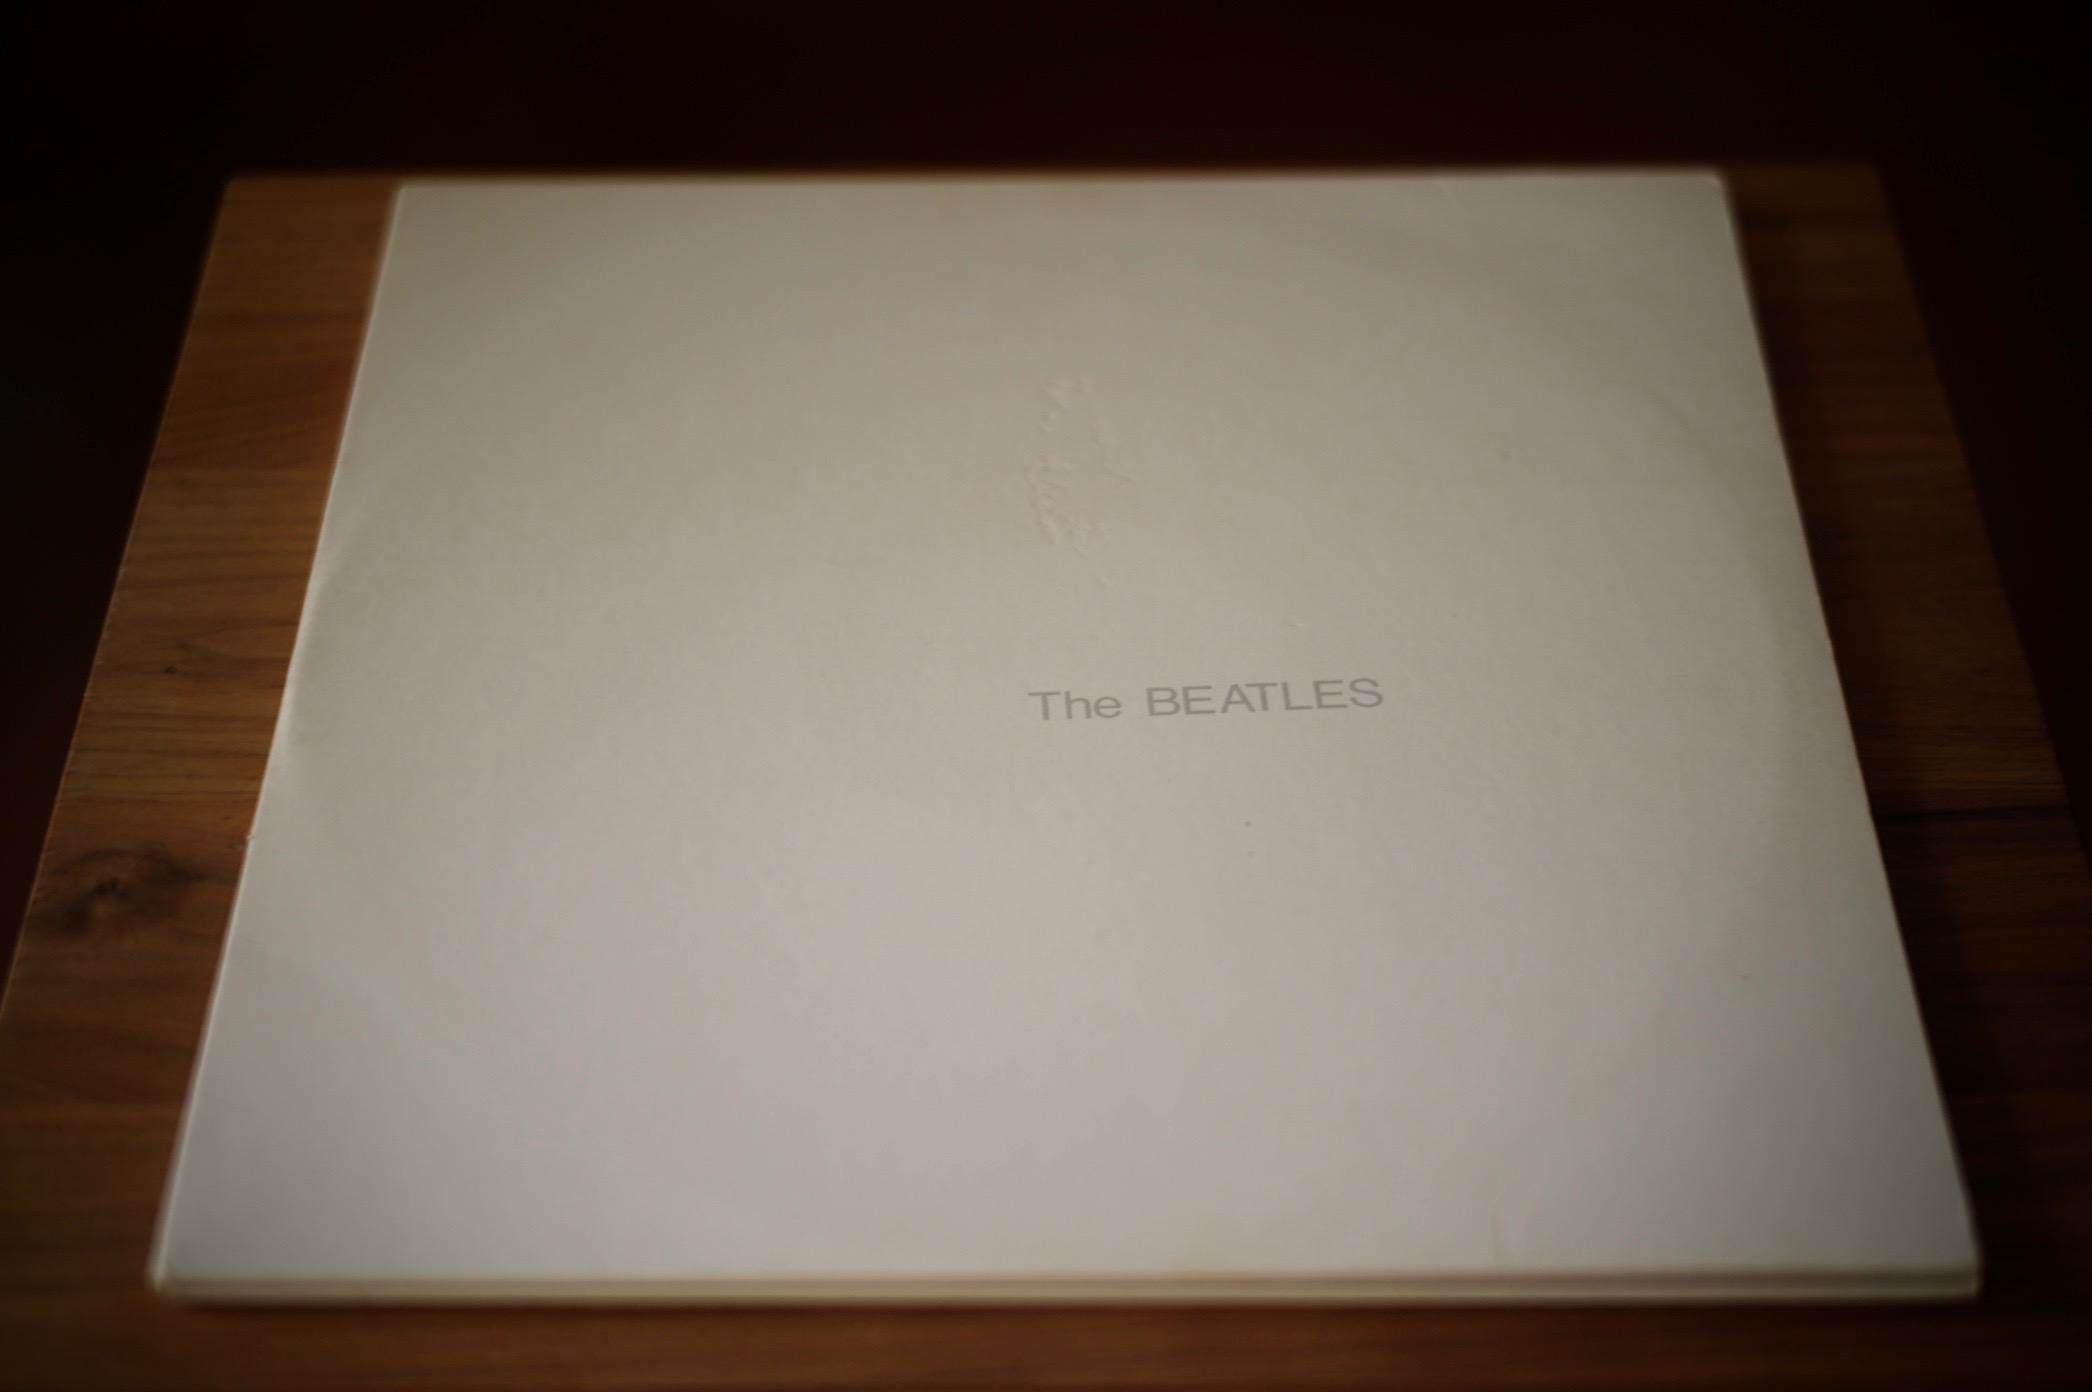 我がホワイトアルバムに通しナンバーは無い_f0057849_17223399.jpg